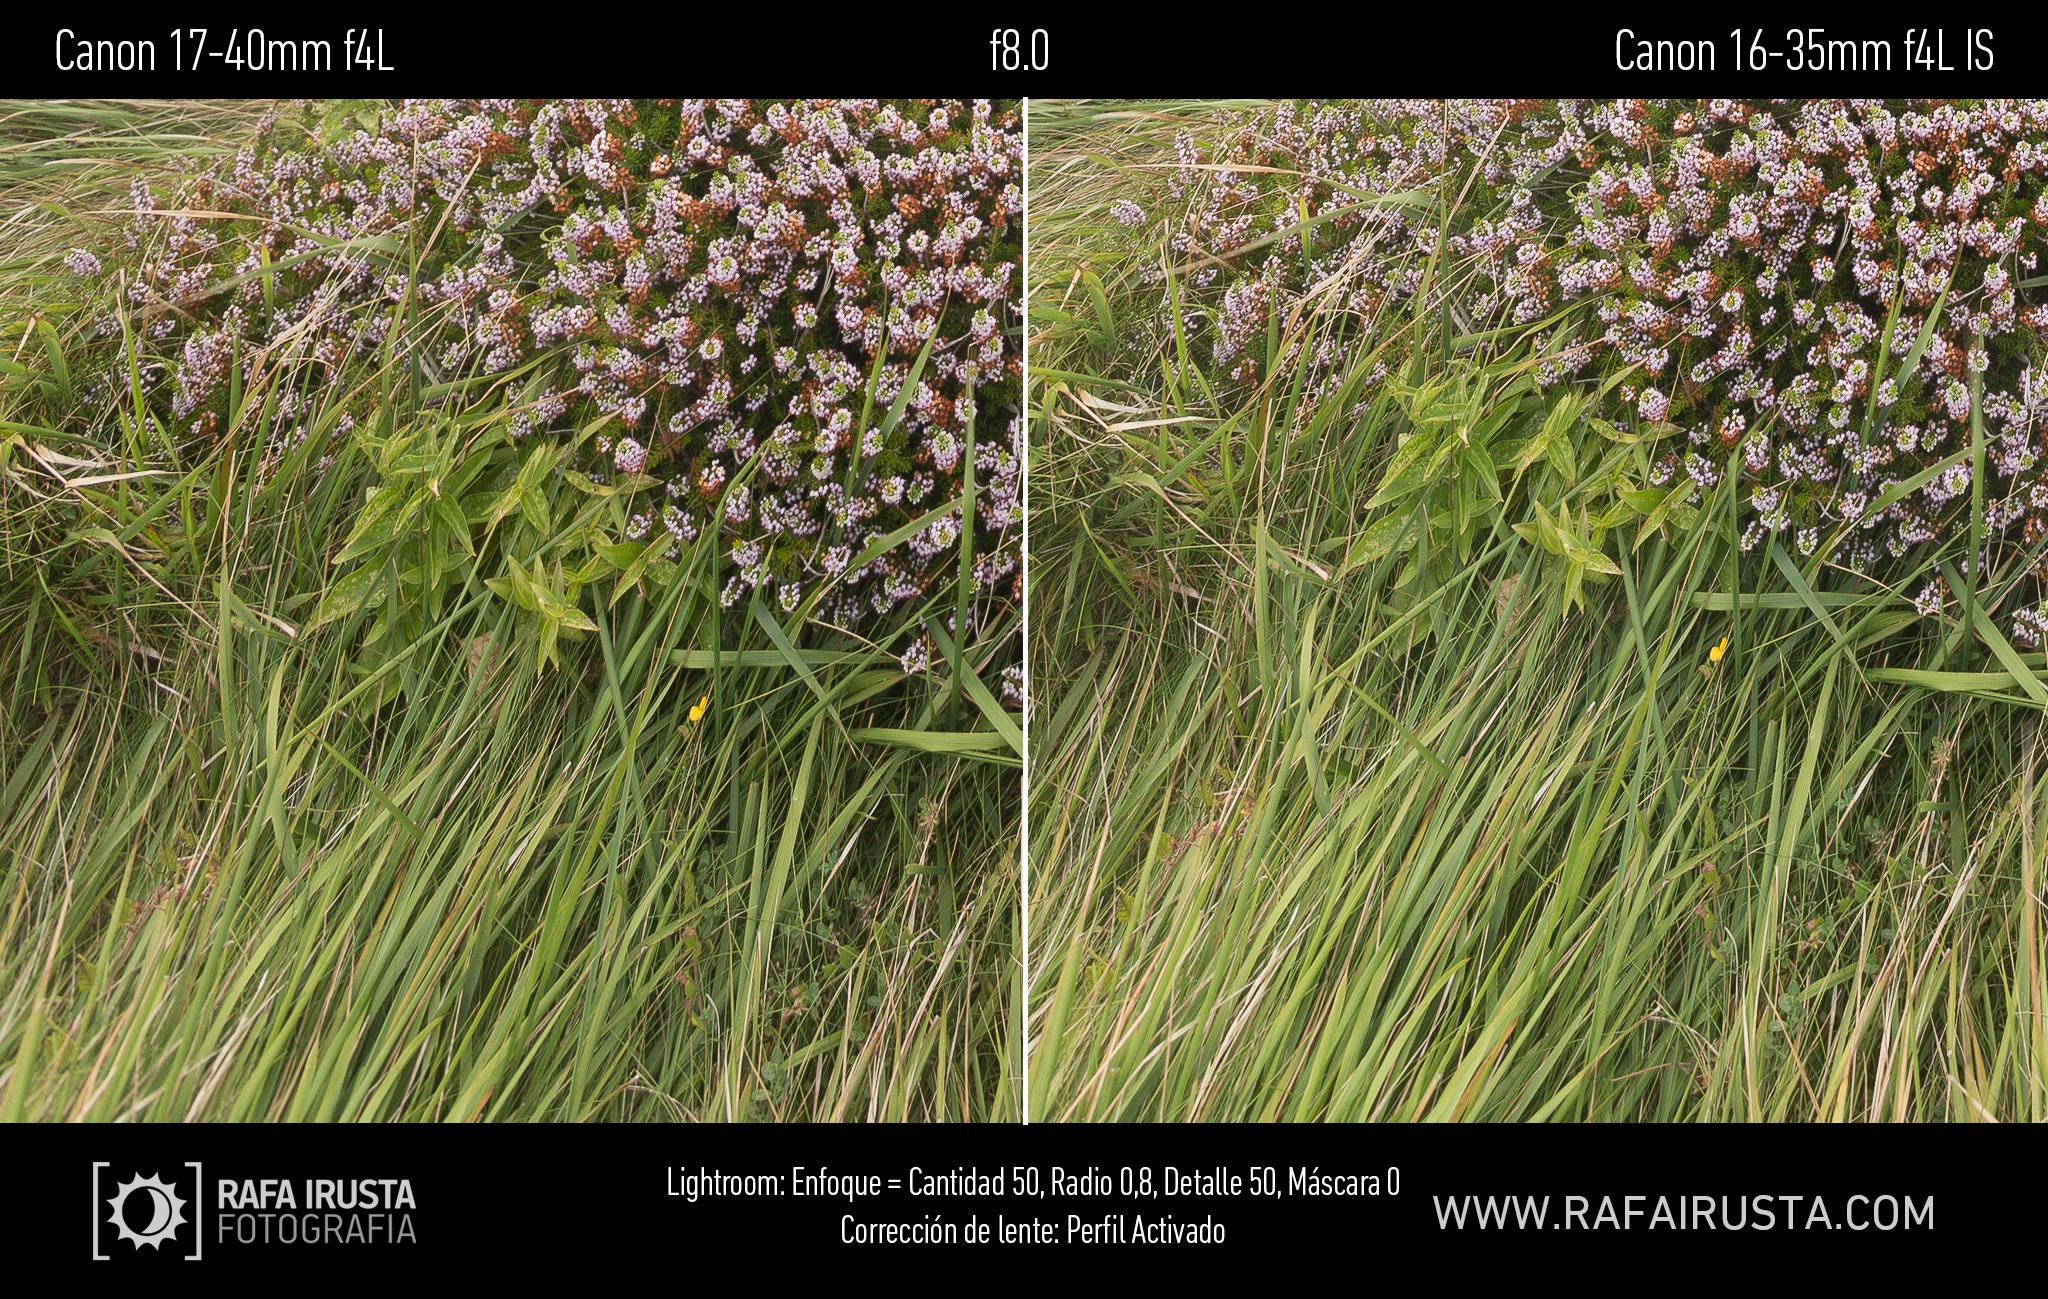 Prueba Canon 16-35mm f/4L IS, comparativa 17-40 vs 16-35 con enfoque y con ajuste de perfil, f8